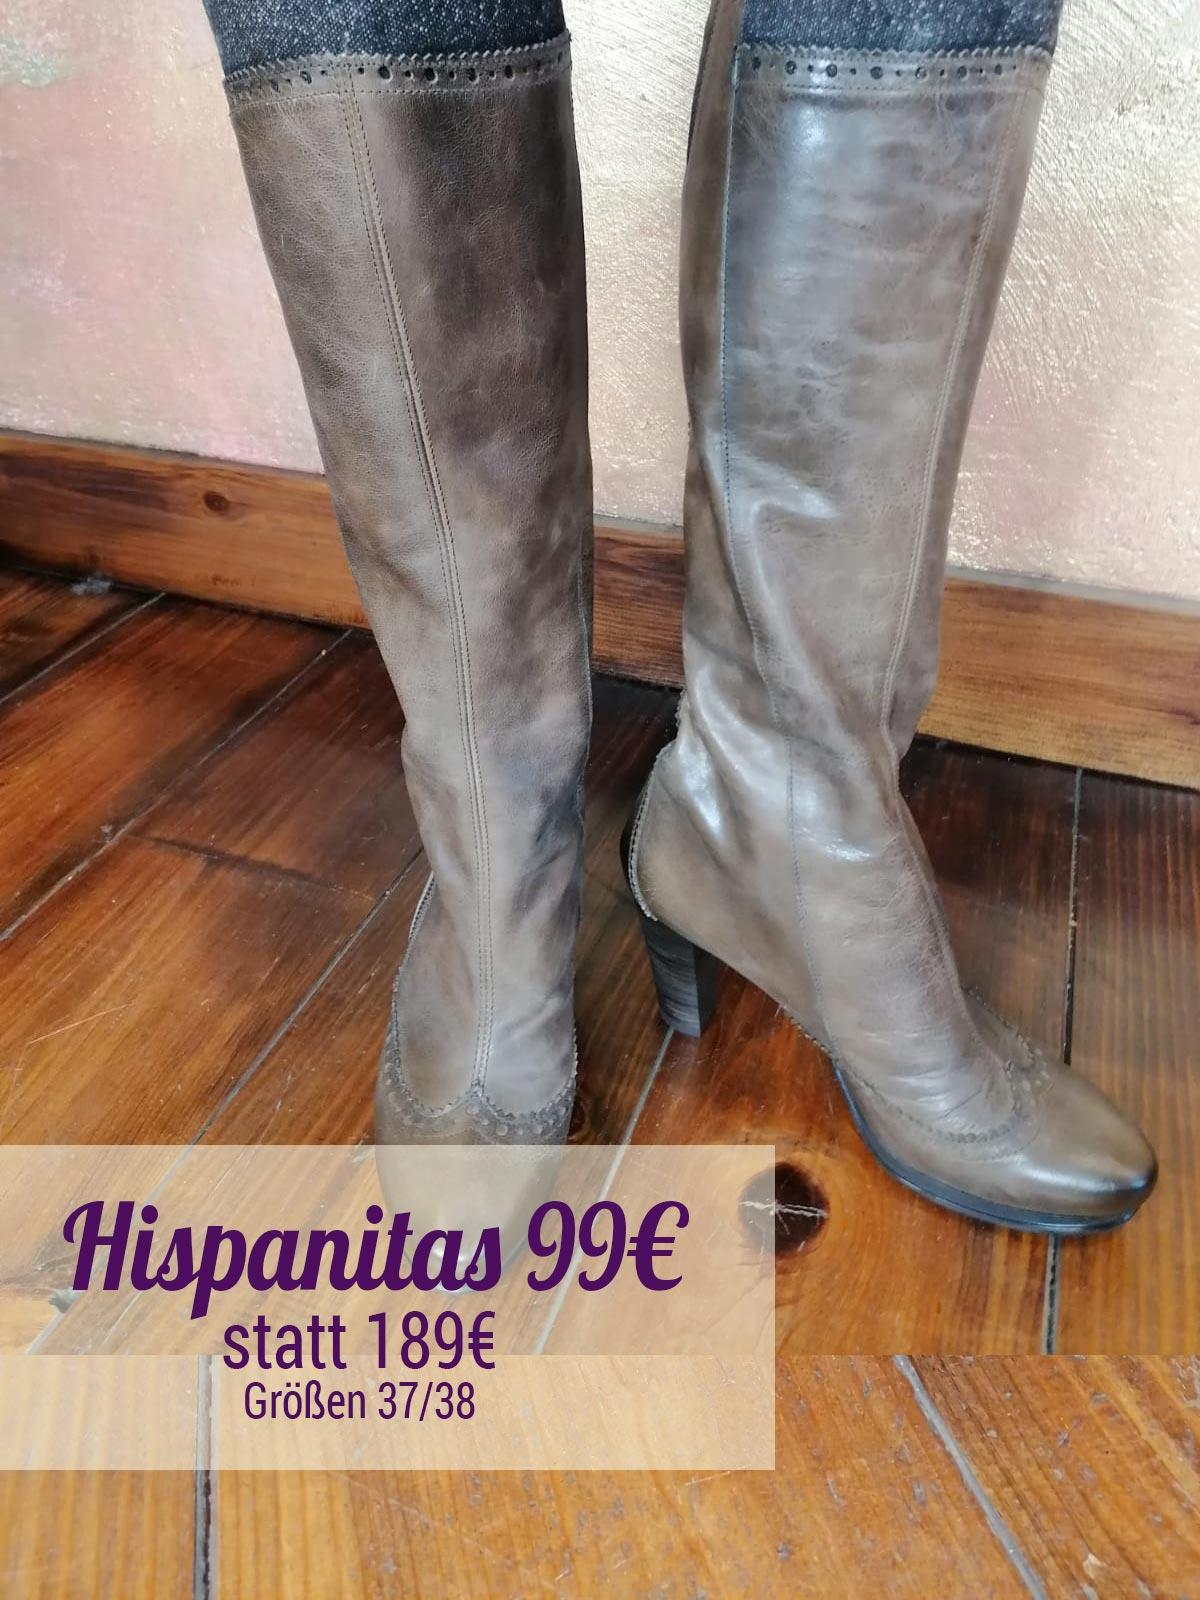 Hispanitas--Leder-Stiefel